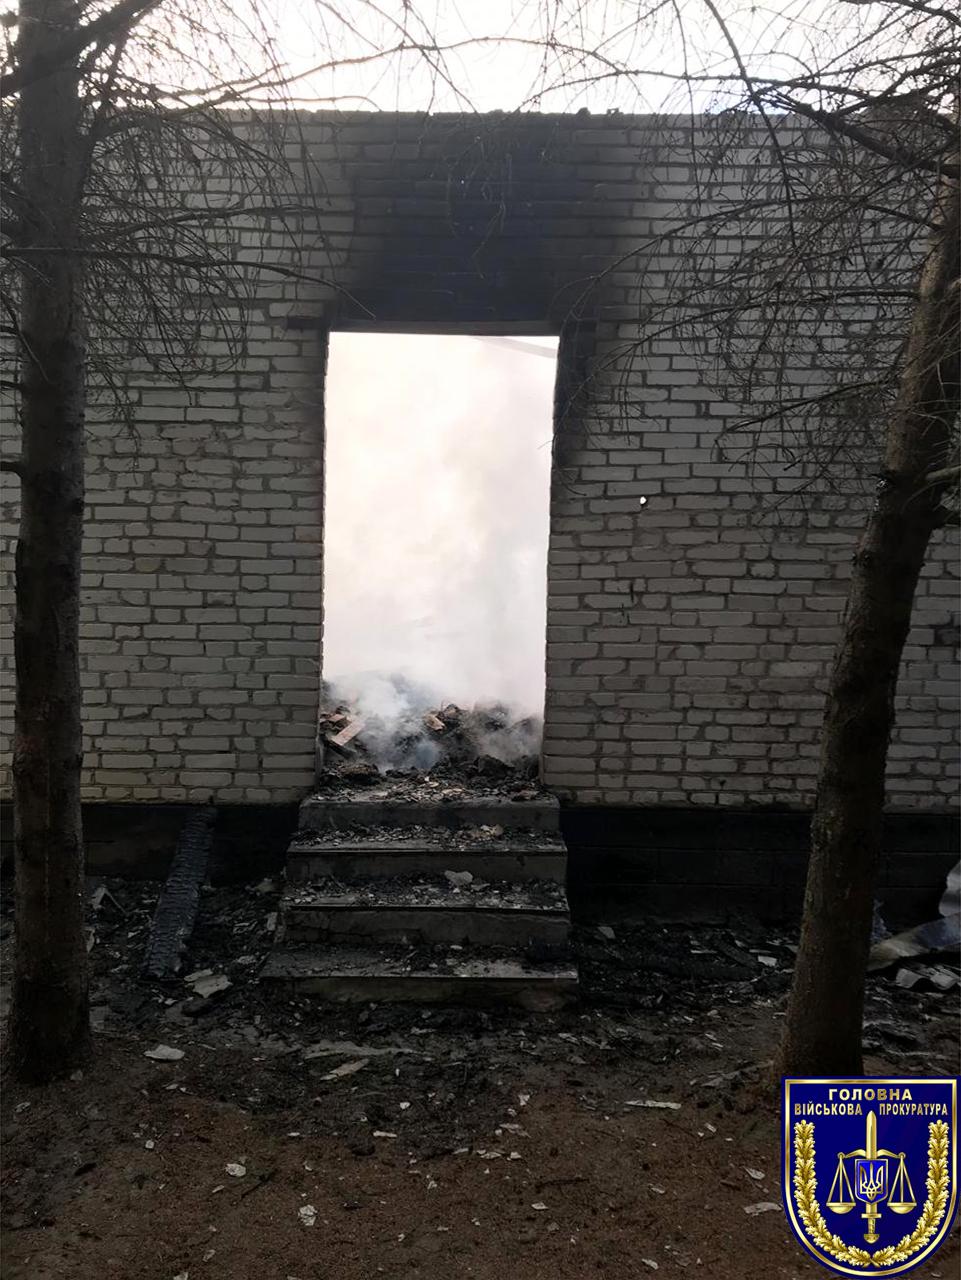 Прокуратура назвала вероятную причину пожара в воинской части